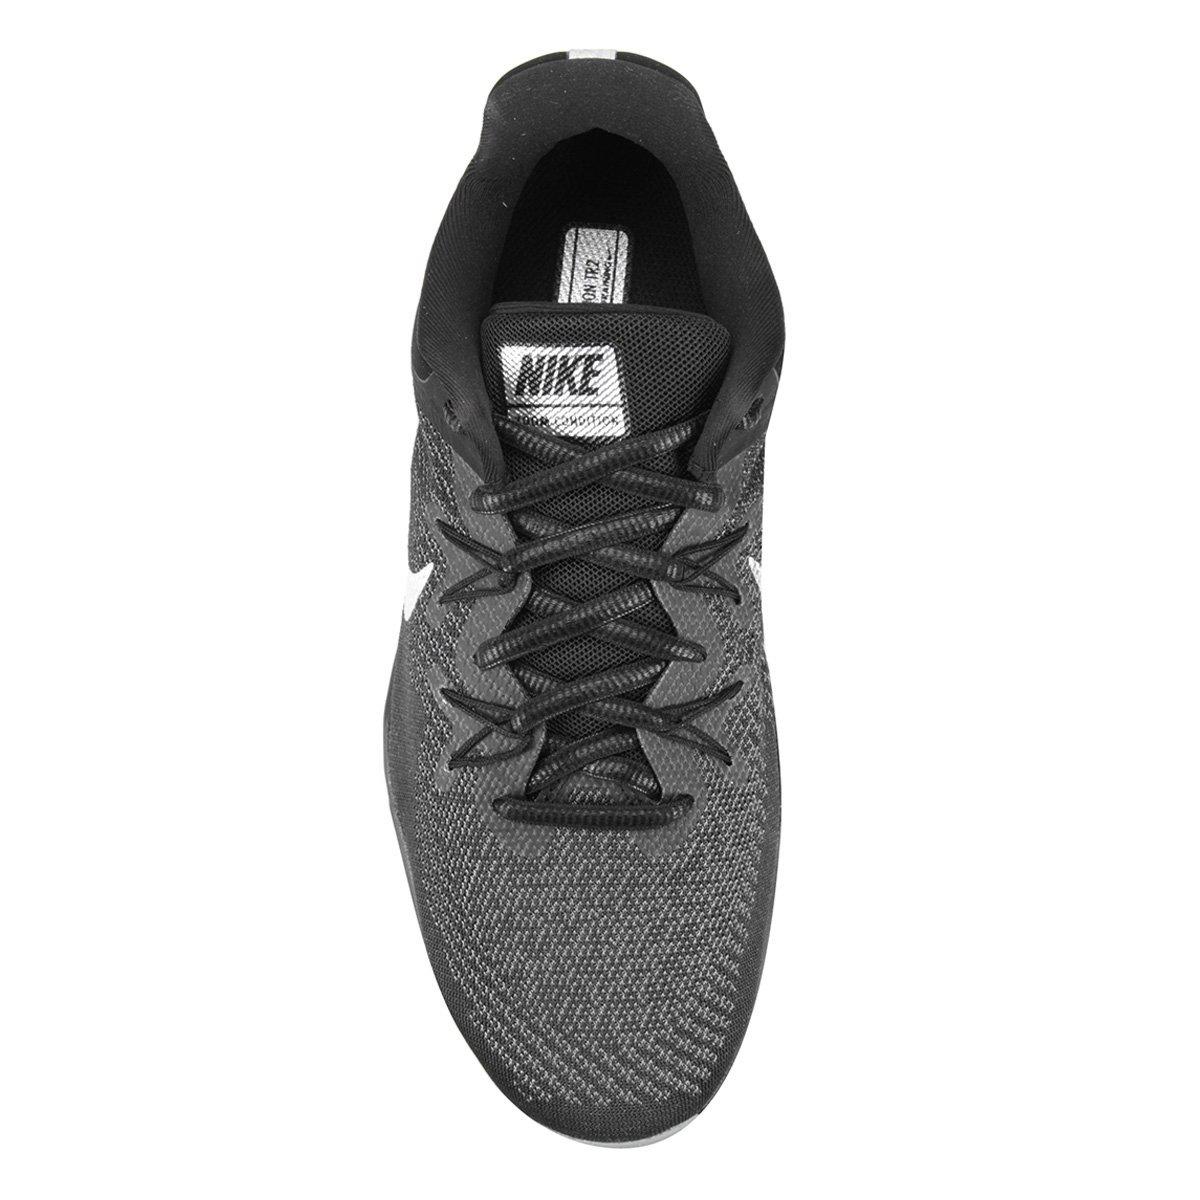 Zoom e Feminino Preto TR Tênis Condition Cinza Nike 2 PRM 61n5q8w